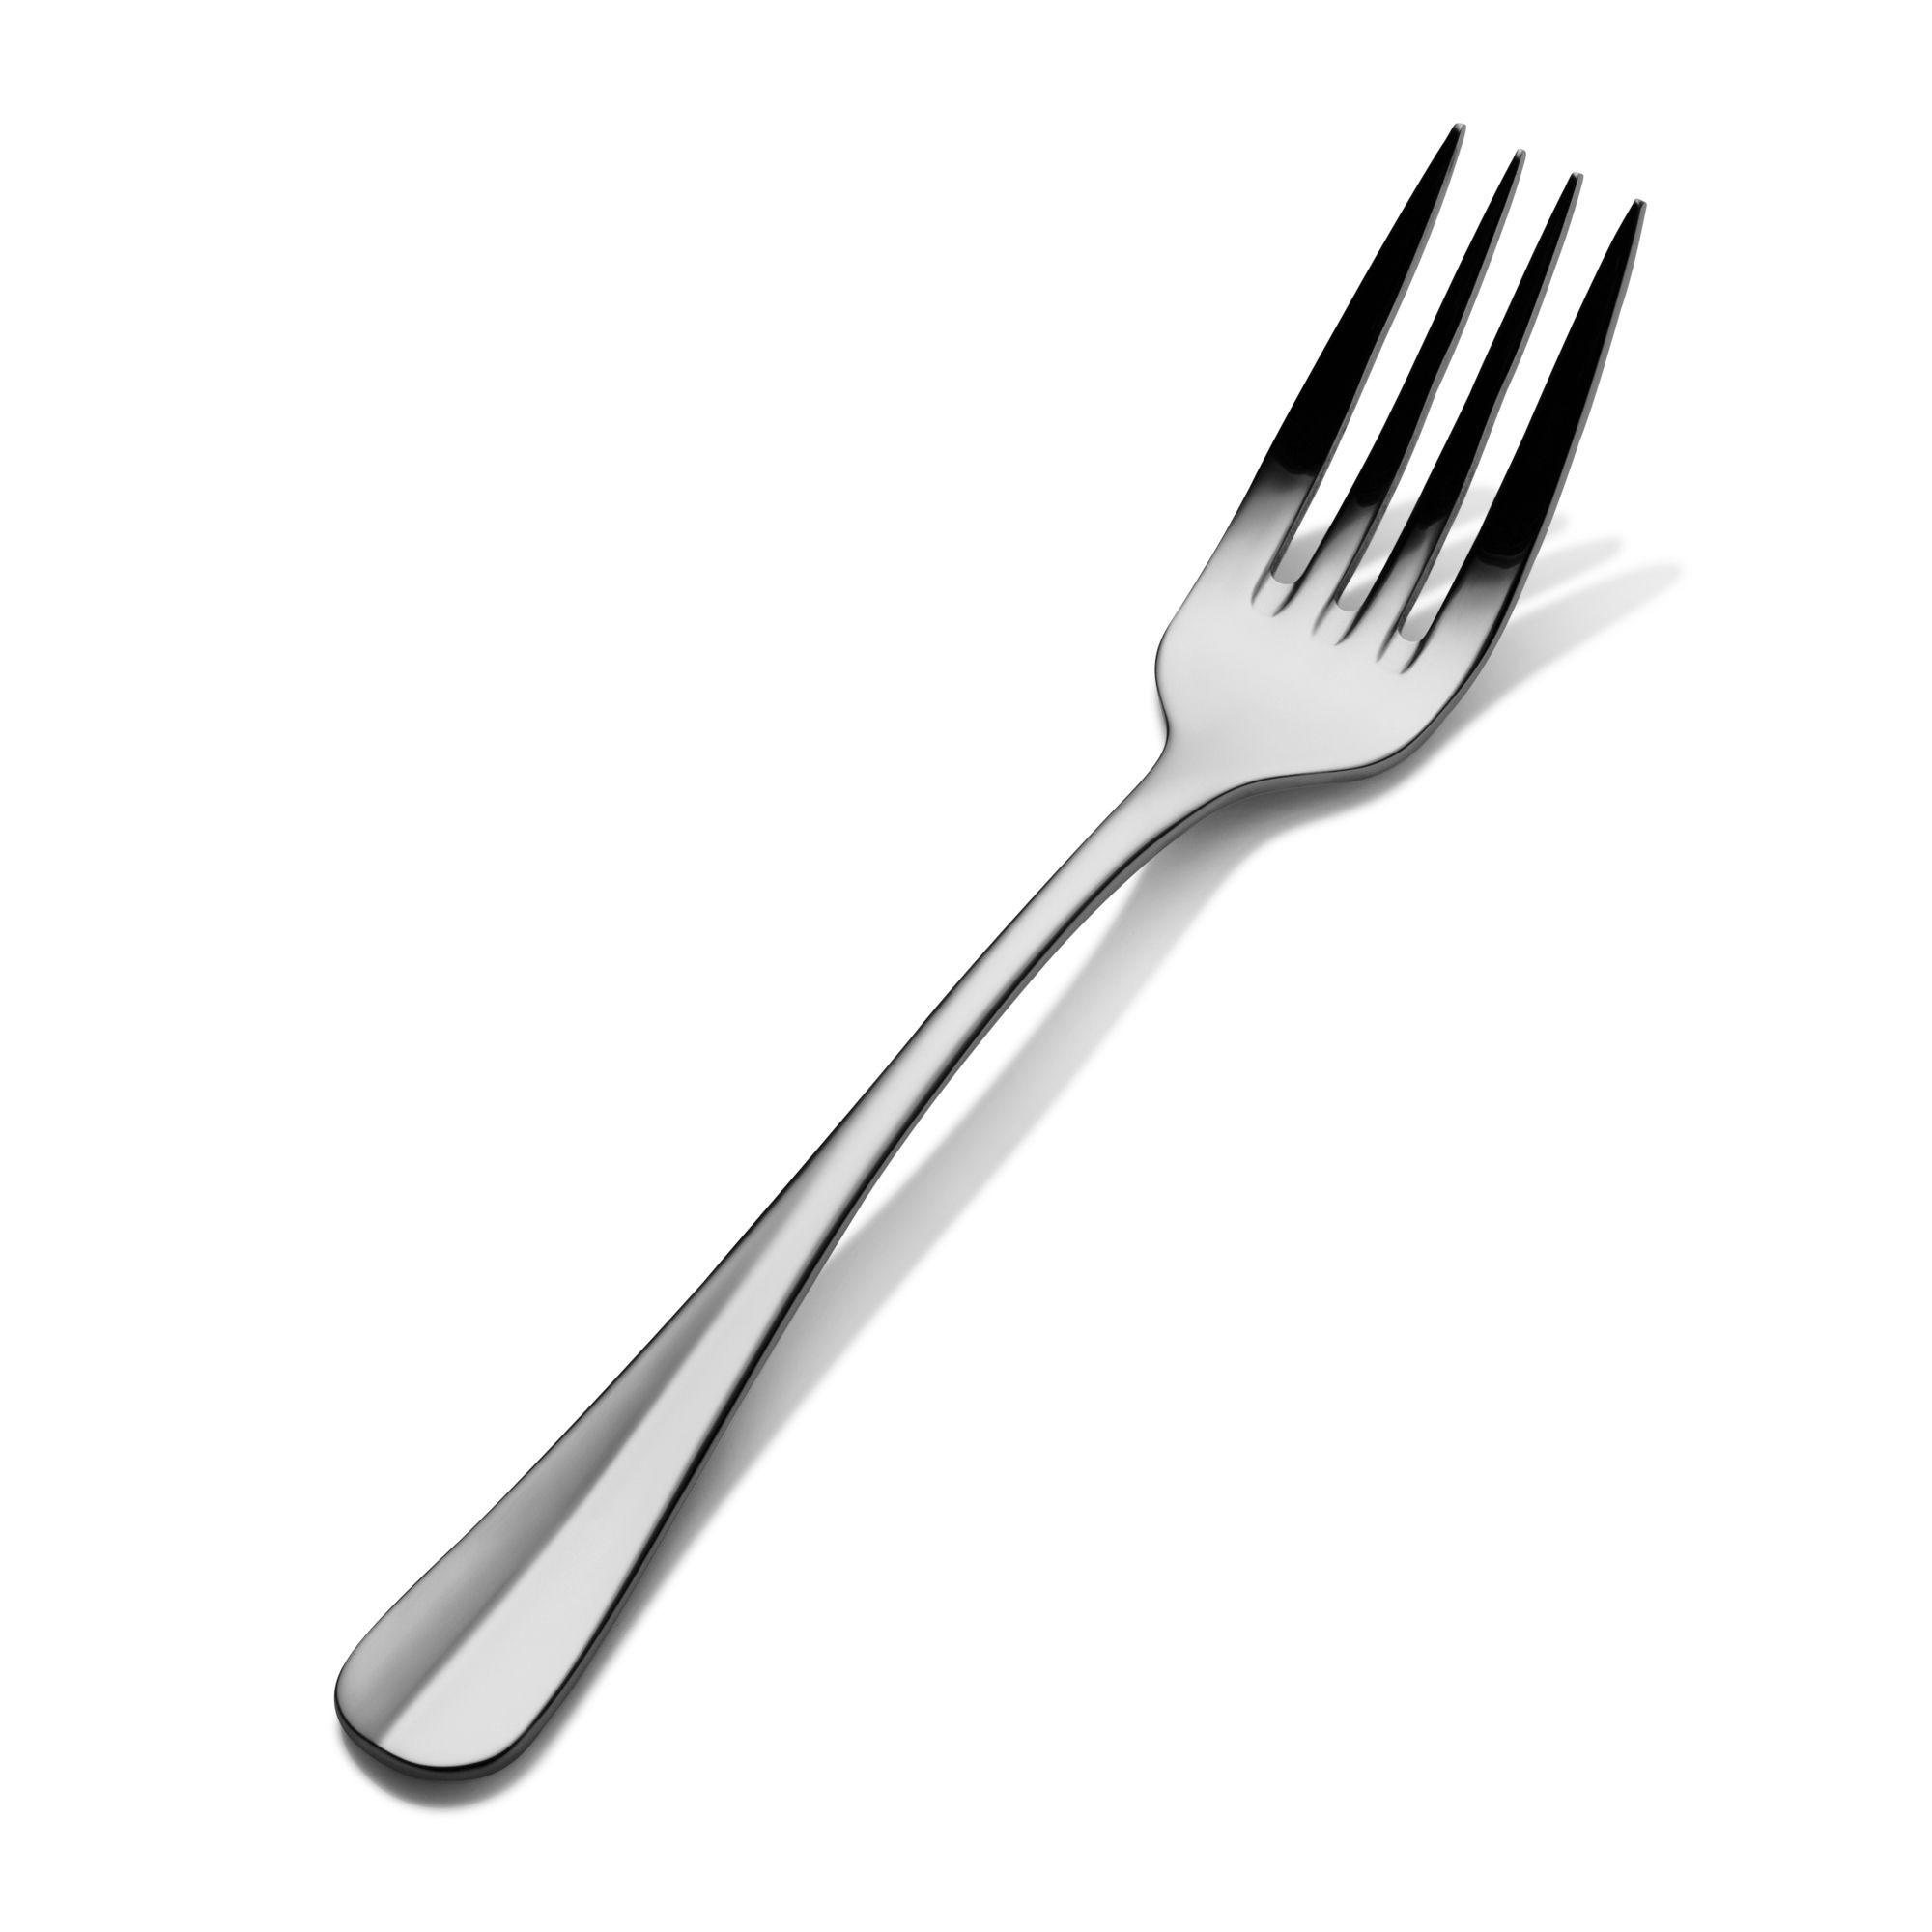 Bon Chef S1105 Chambers 18/8 Stainless Steel Regular Dinner Fork